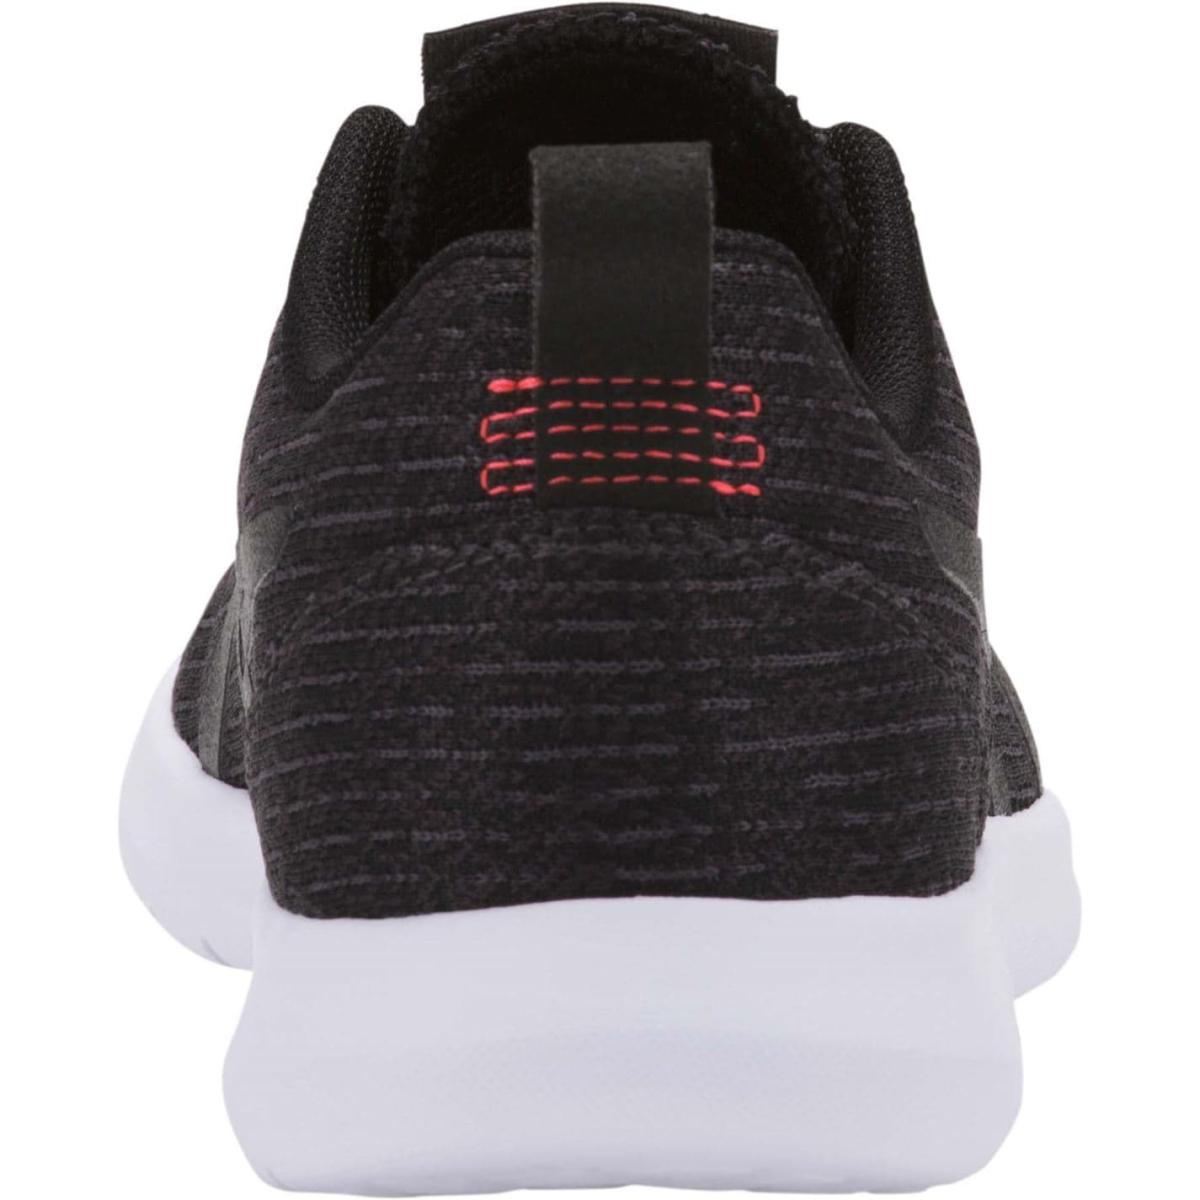 Asics-Kanmei-2-Turnschuhe-Damen-Sneaker-Sportschuhe-Laufschuhe-9097 Indexbild 6